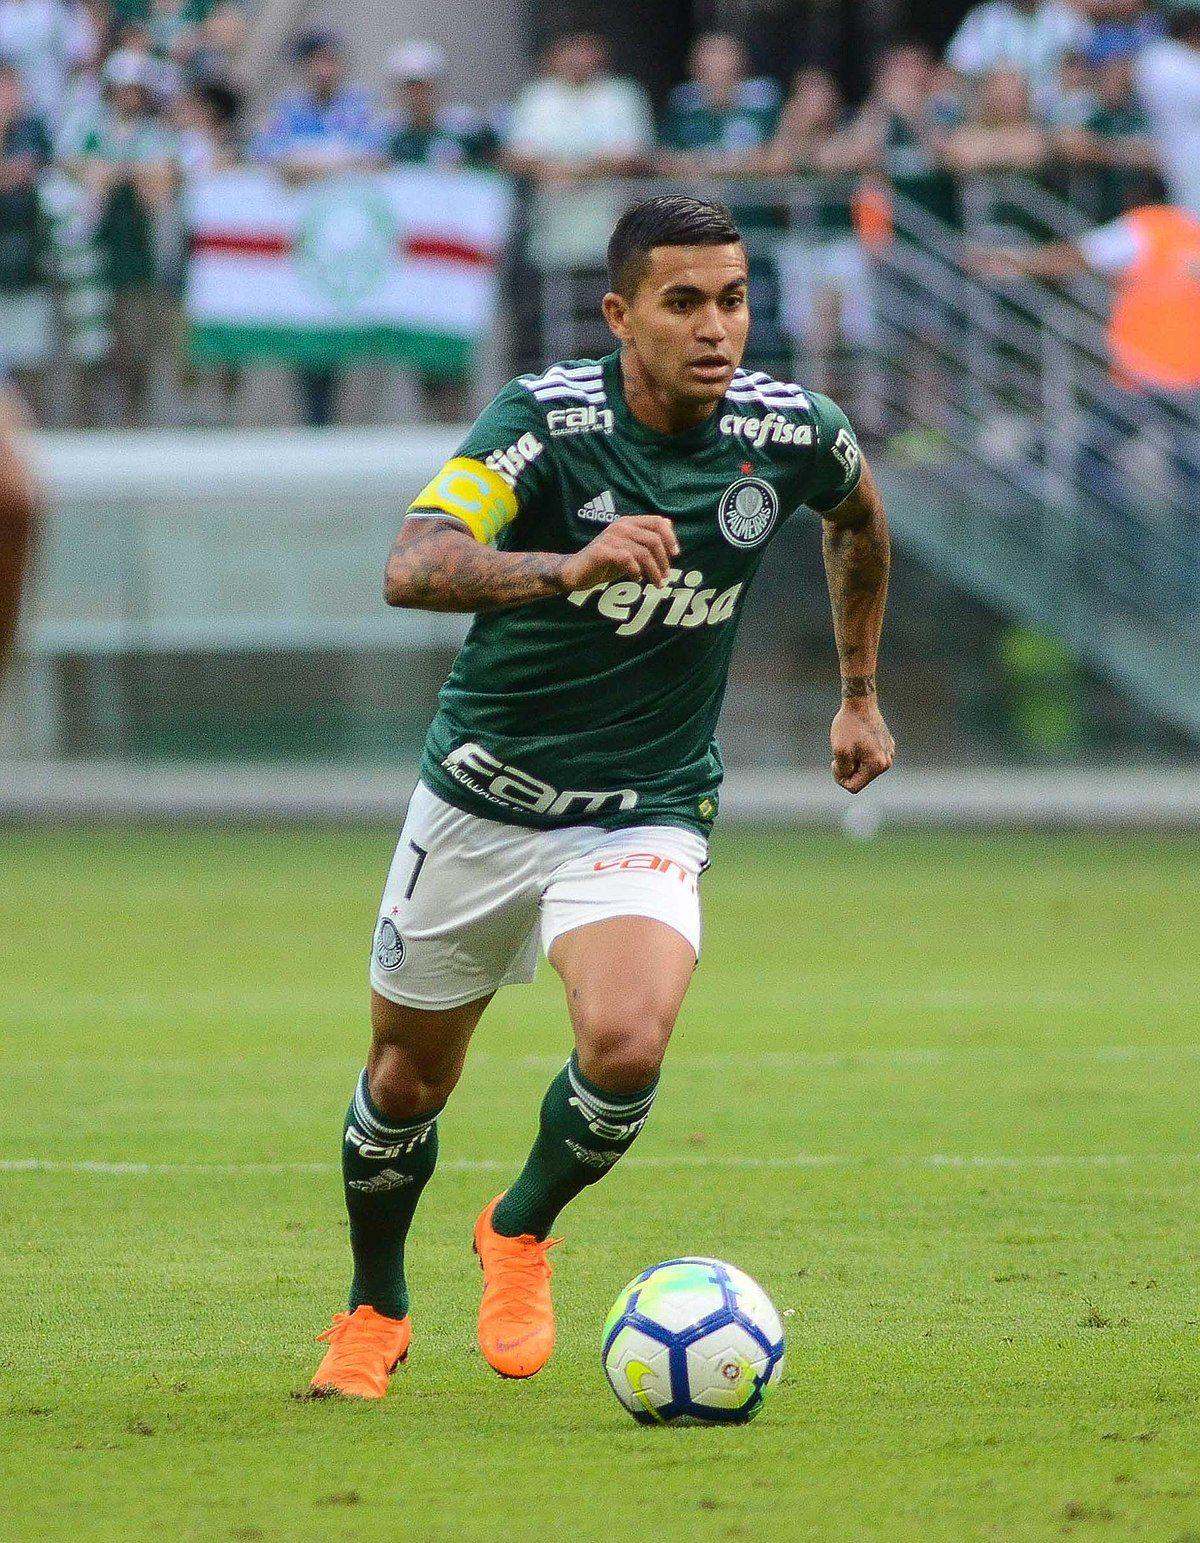 Oficial! Dudu volta para o Palmeiras. Confira